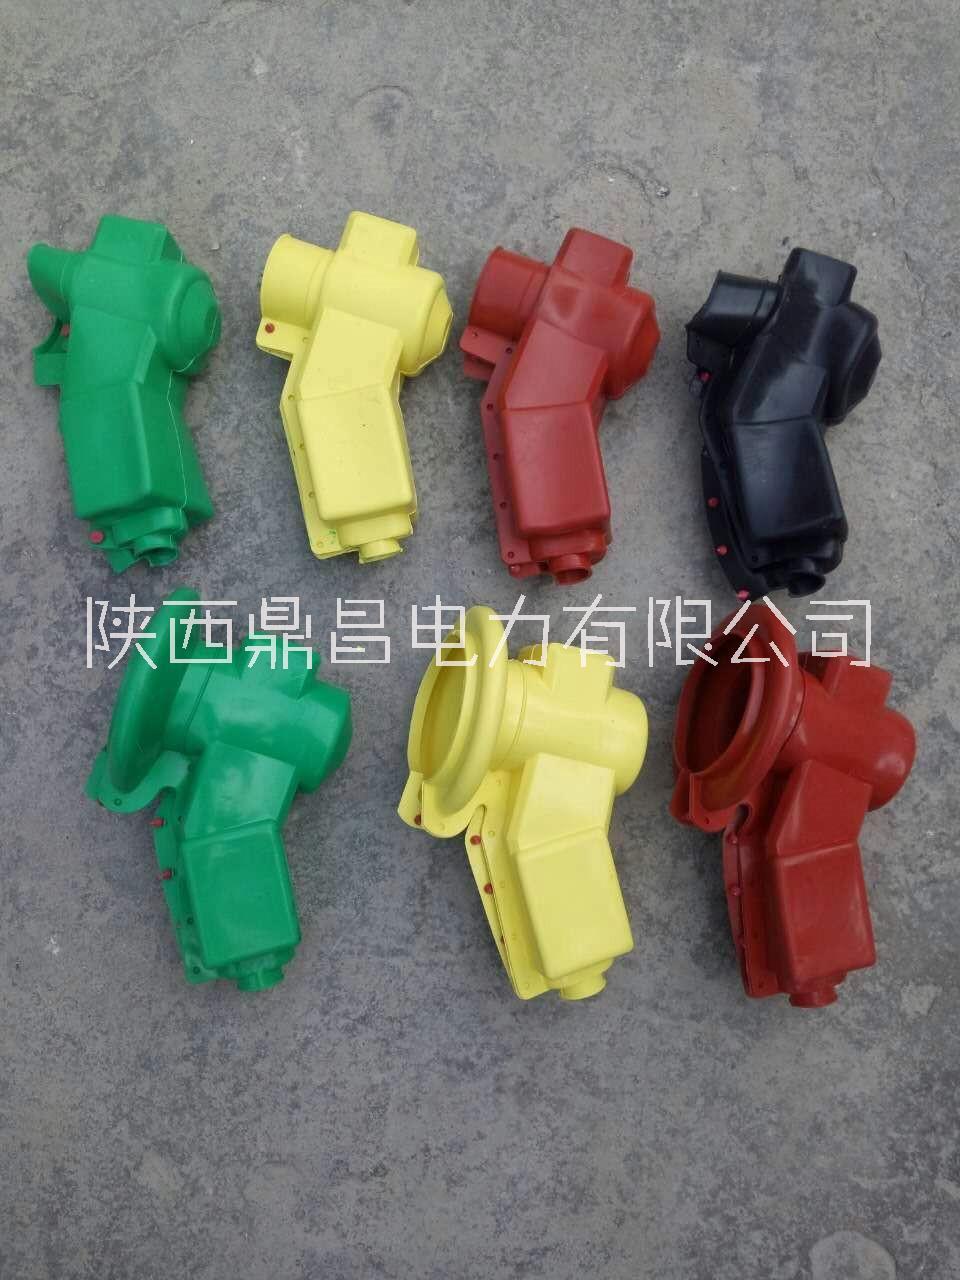 厂家生产销售 硅胶变压器防护套跌落式熔断避雷器丝具护套绝缘护罩 绝缘护套